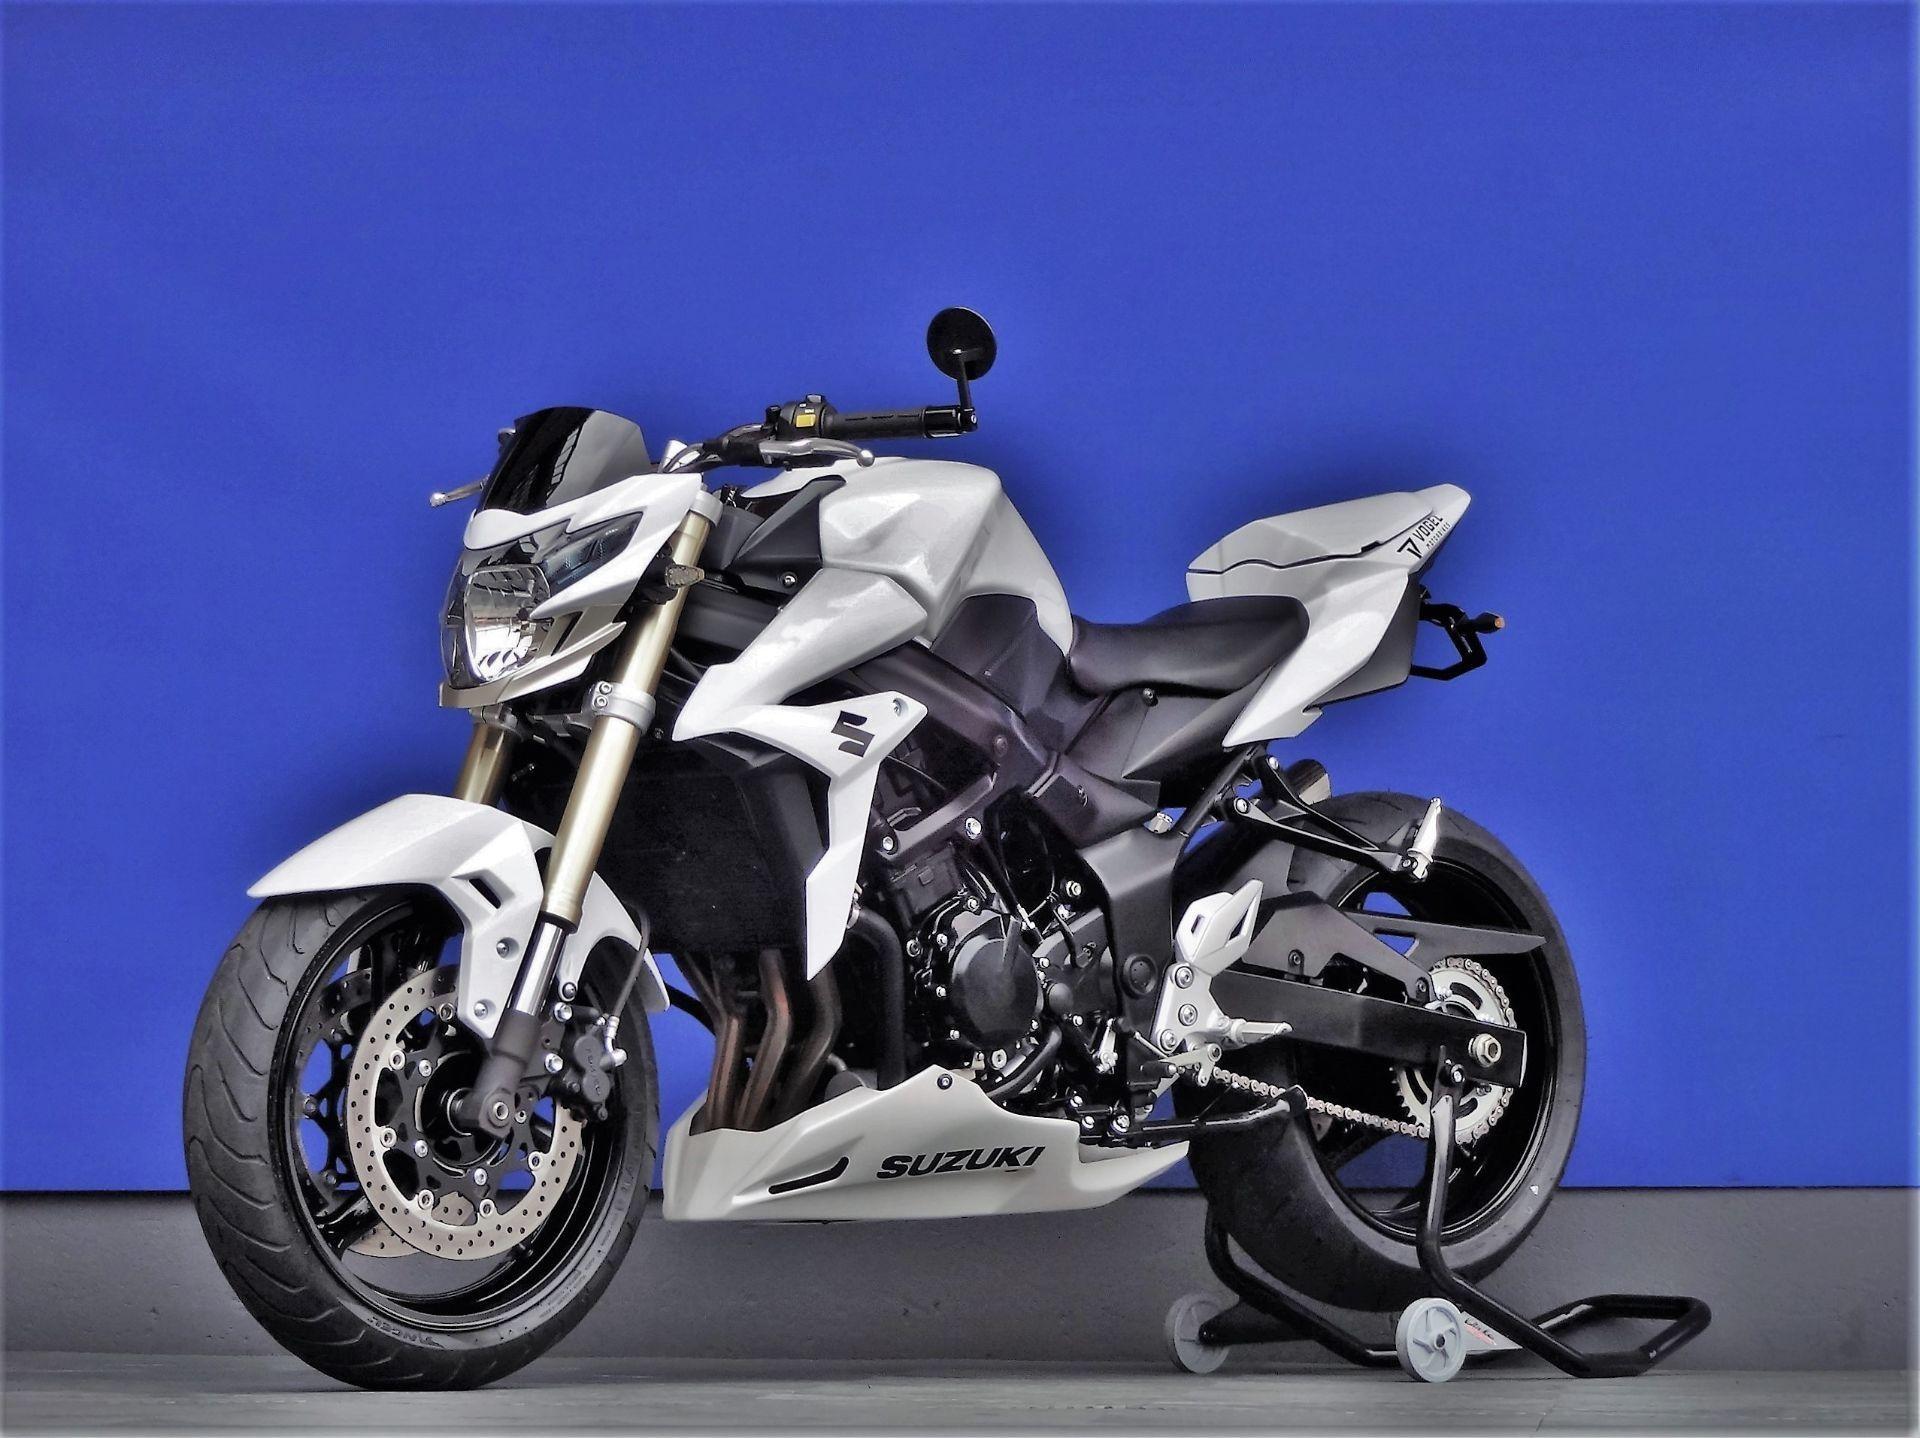 motorrad occasion kaufen suzuki gsr 750 yoshimura vogel motorbikes sch pfheim. Black Bedroom Furniture Sets. Home Design Ideas